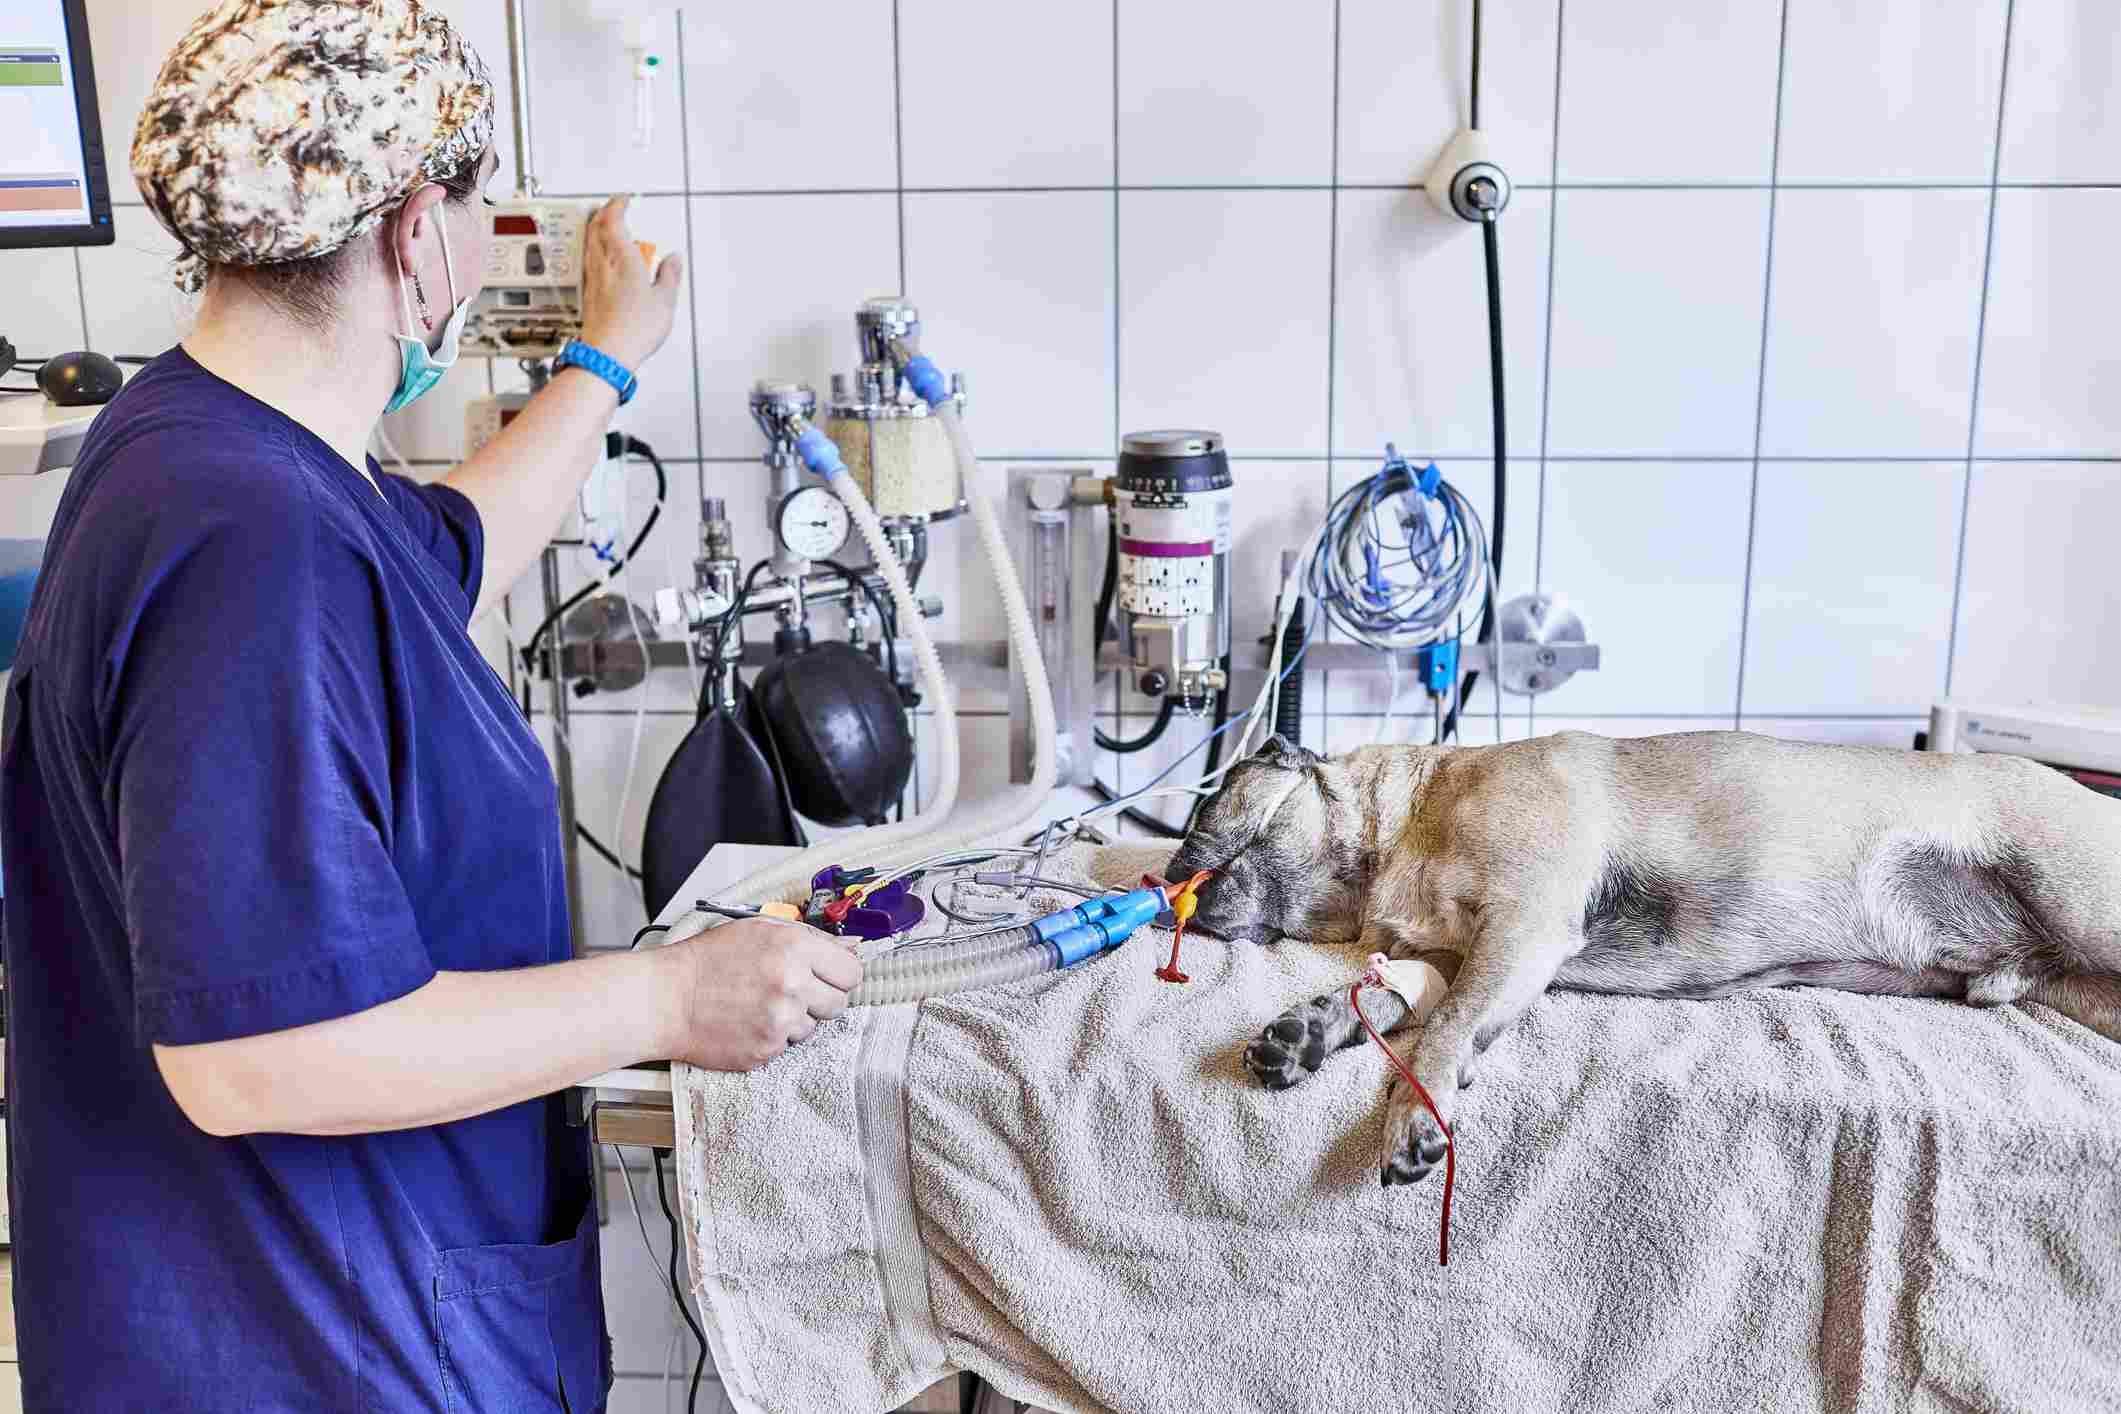 Enfermera preparando la operación para un perro anestesiado en un hospital de animales